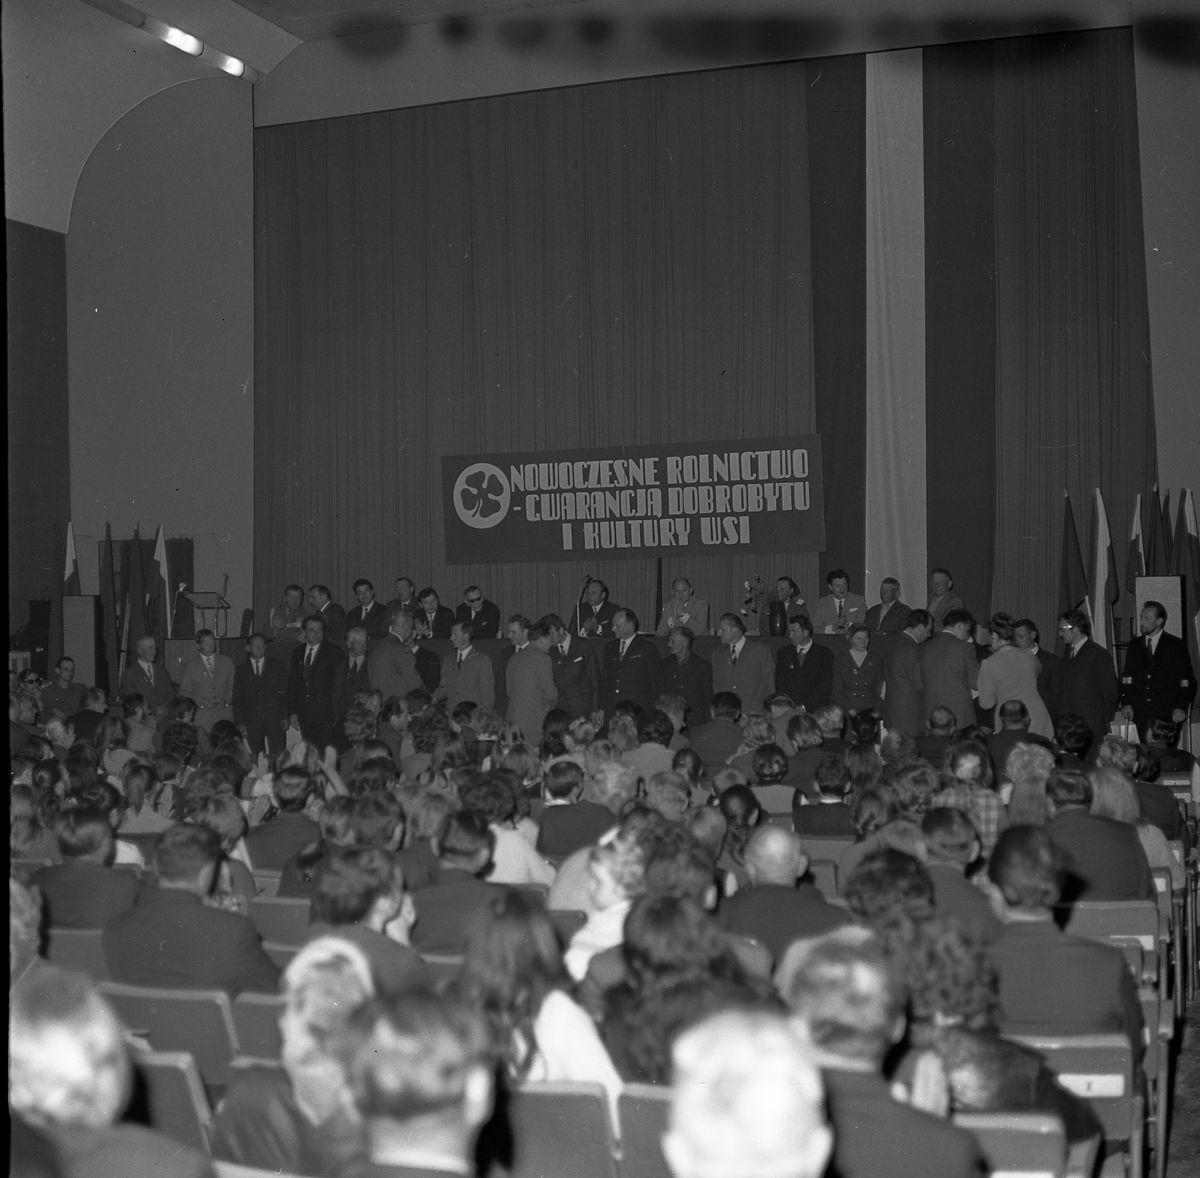 Obchody Święta Ludowego, 1972 r. [1]